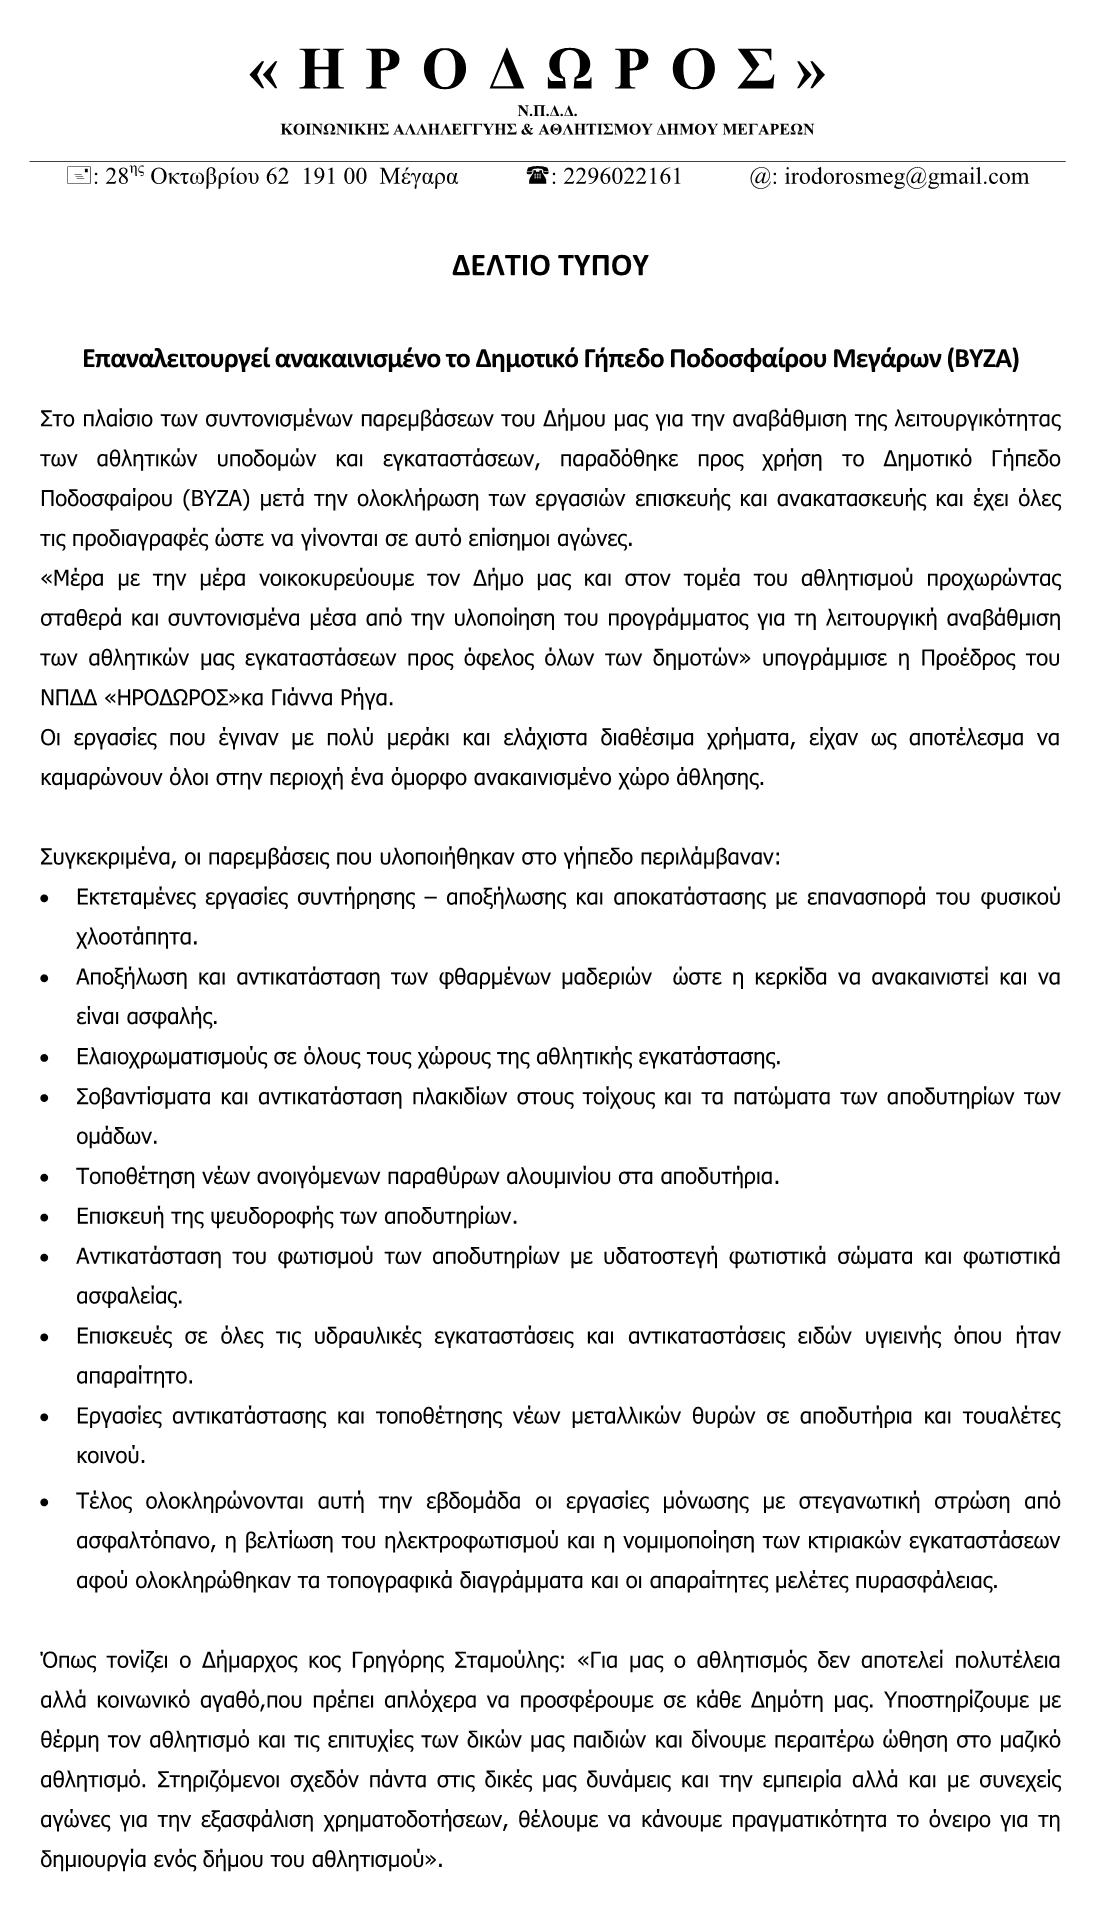 Δελτίο τύπου για ανακαίνιση Δημοτικού γηπέδου ποδοσφαίρου Μεγάρων (ΒΥΖΑ) 2017